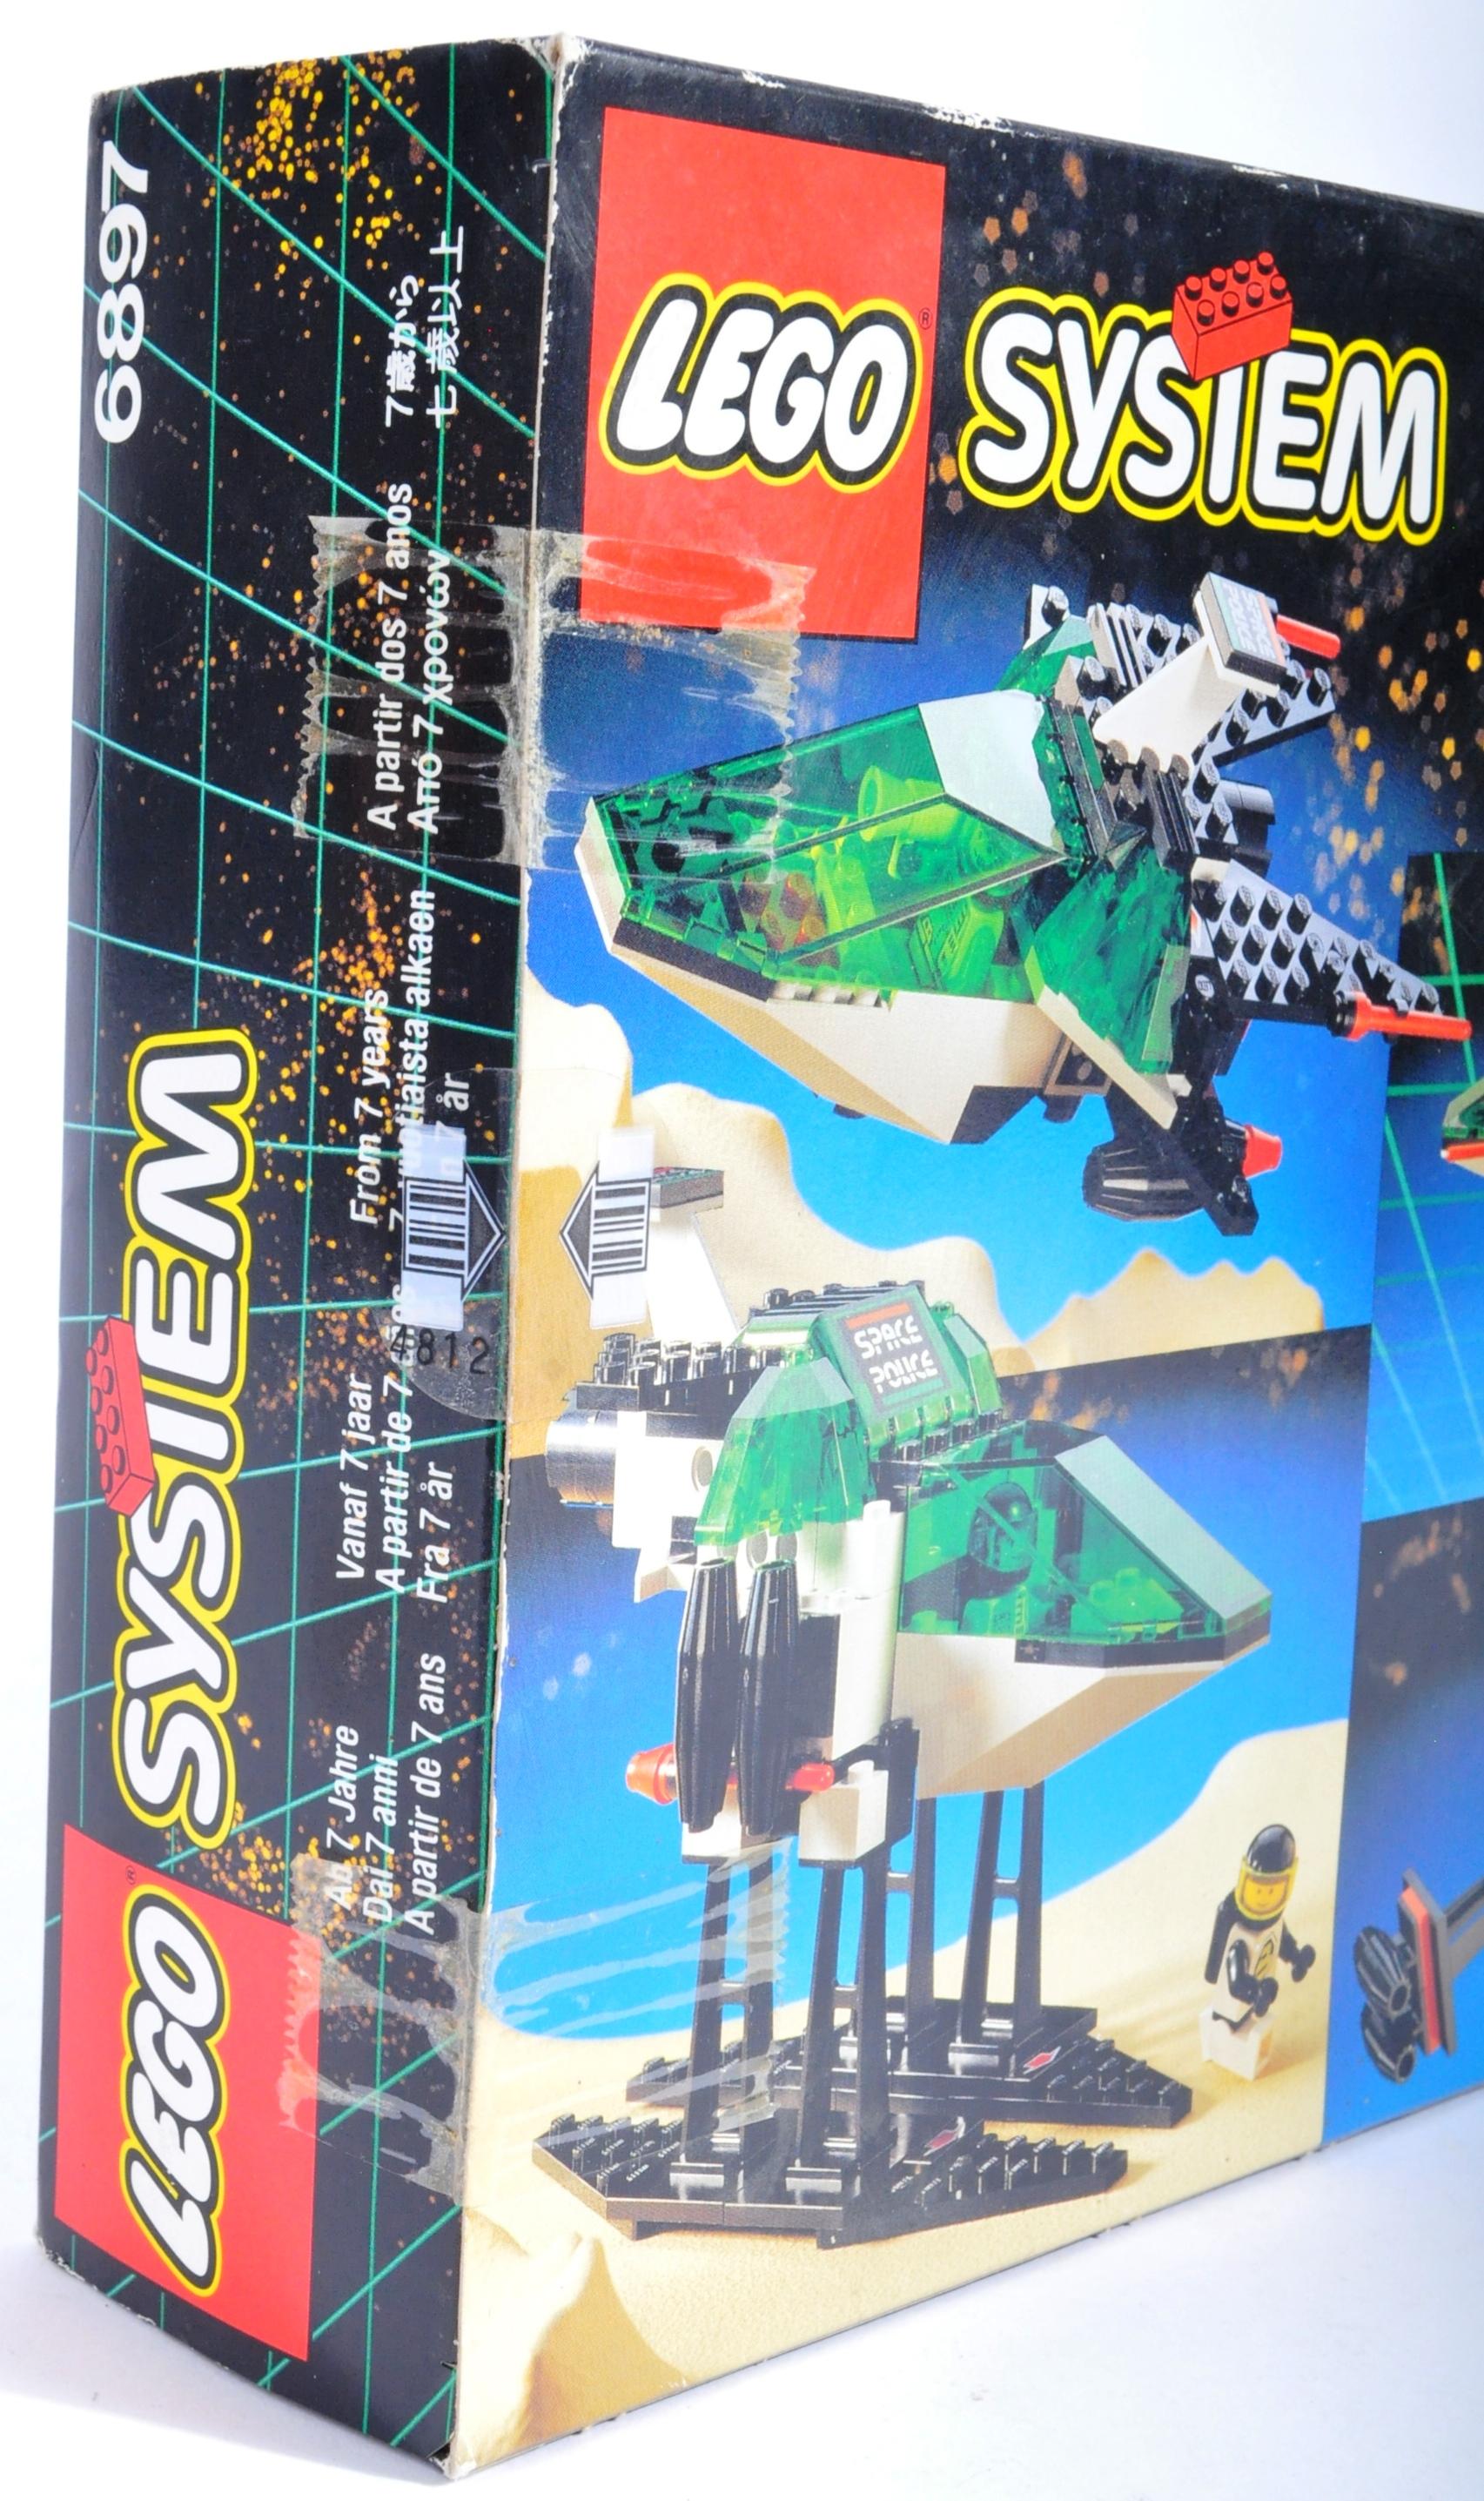 LEGO SET - LEGO SYSTEM - 6897 - REBEL SPACE HUNTER - Image 3 of 4